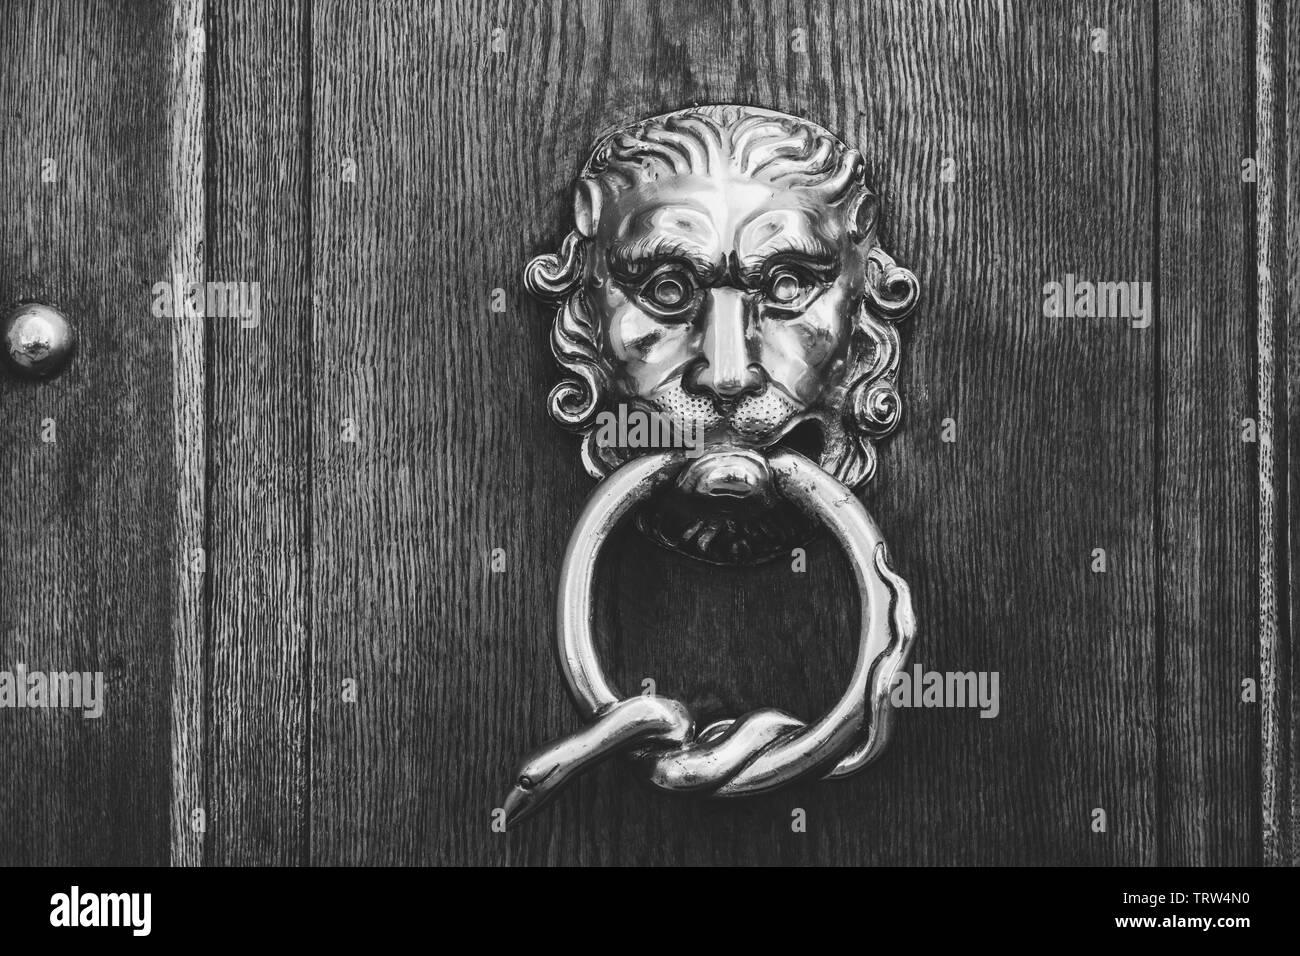 Close-up de un metal brillante cabeza de león con una herida de la serpiente en su boca en una puerta de madera rústica - blanco y negro, levemente desvanecidos buscar Imagen De Stock